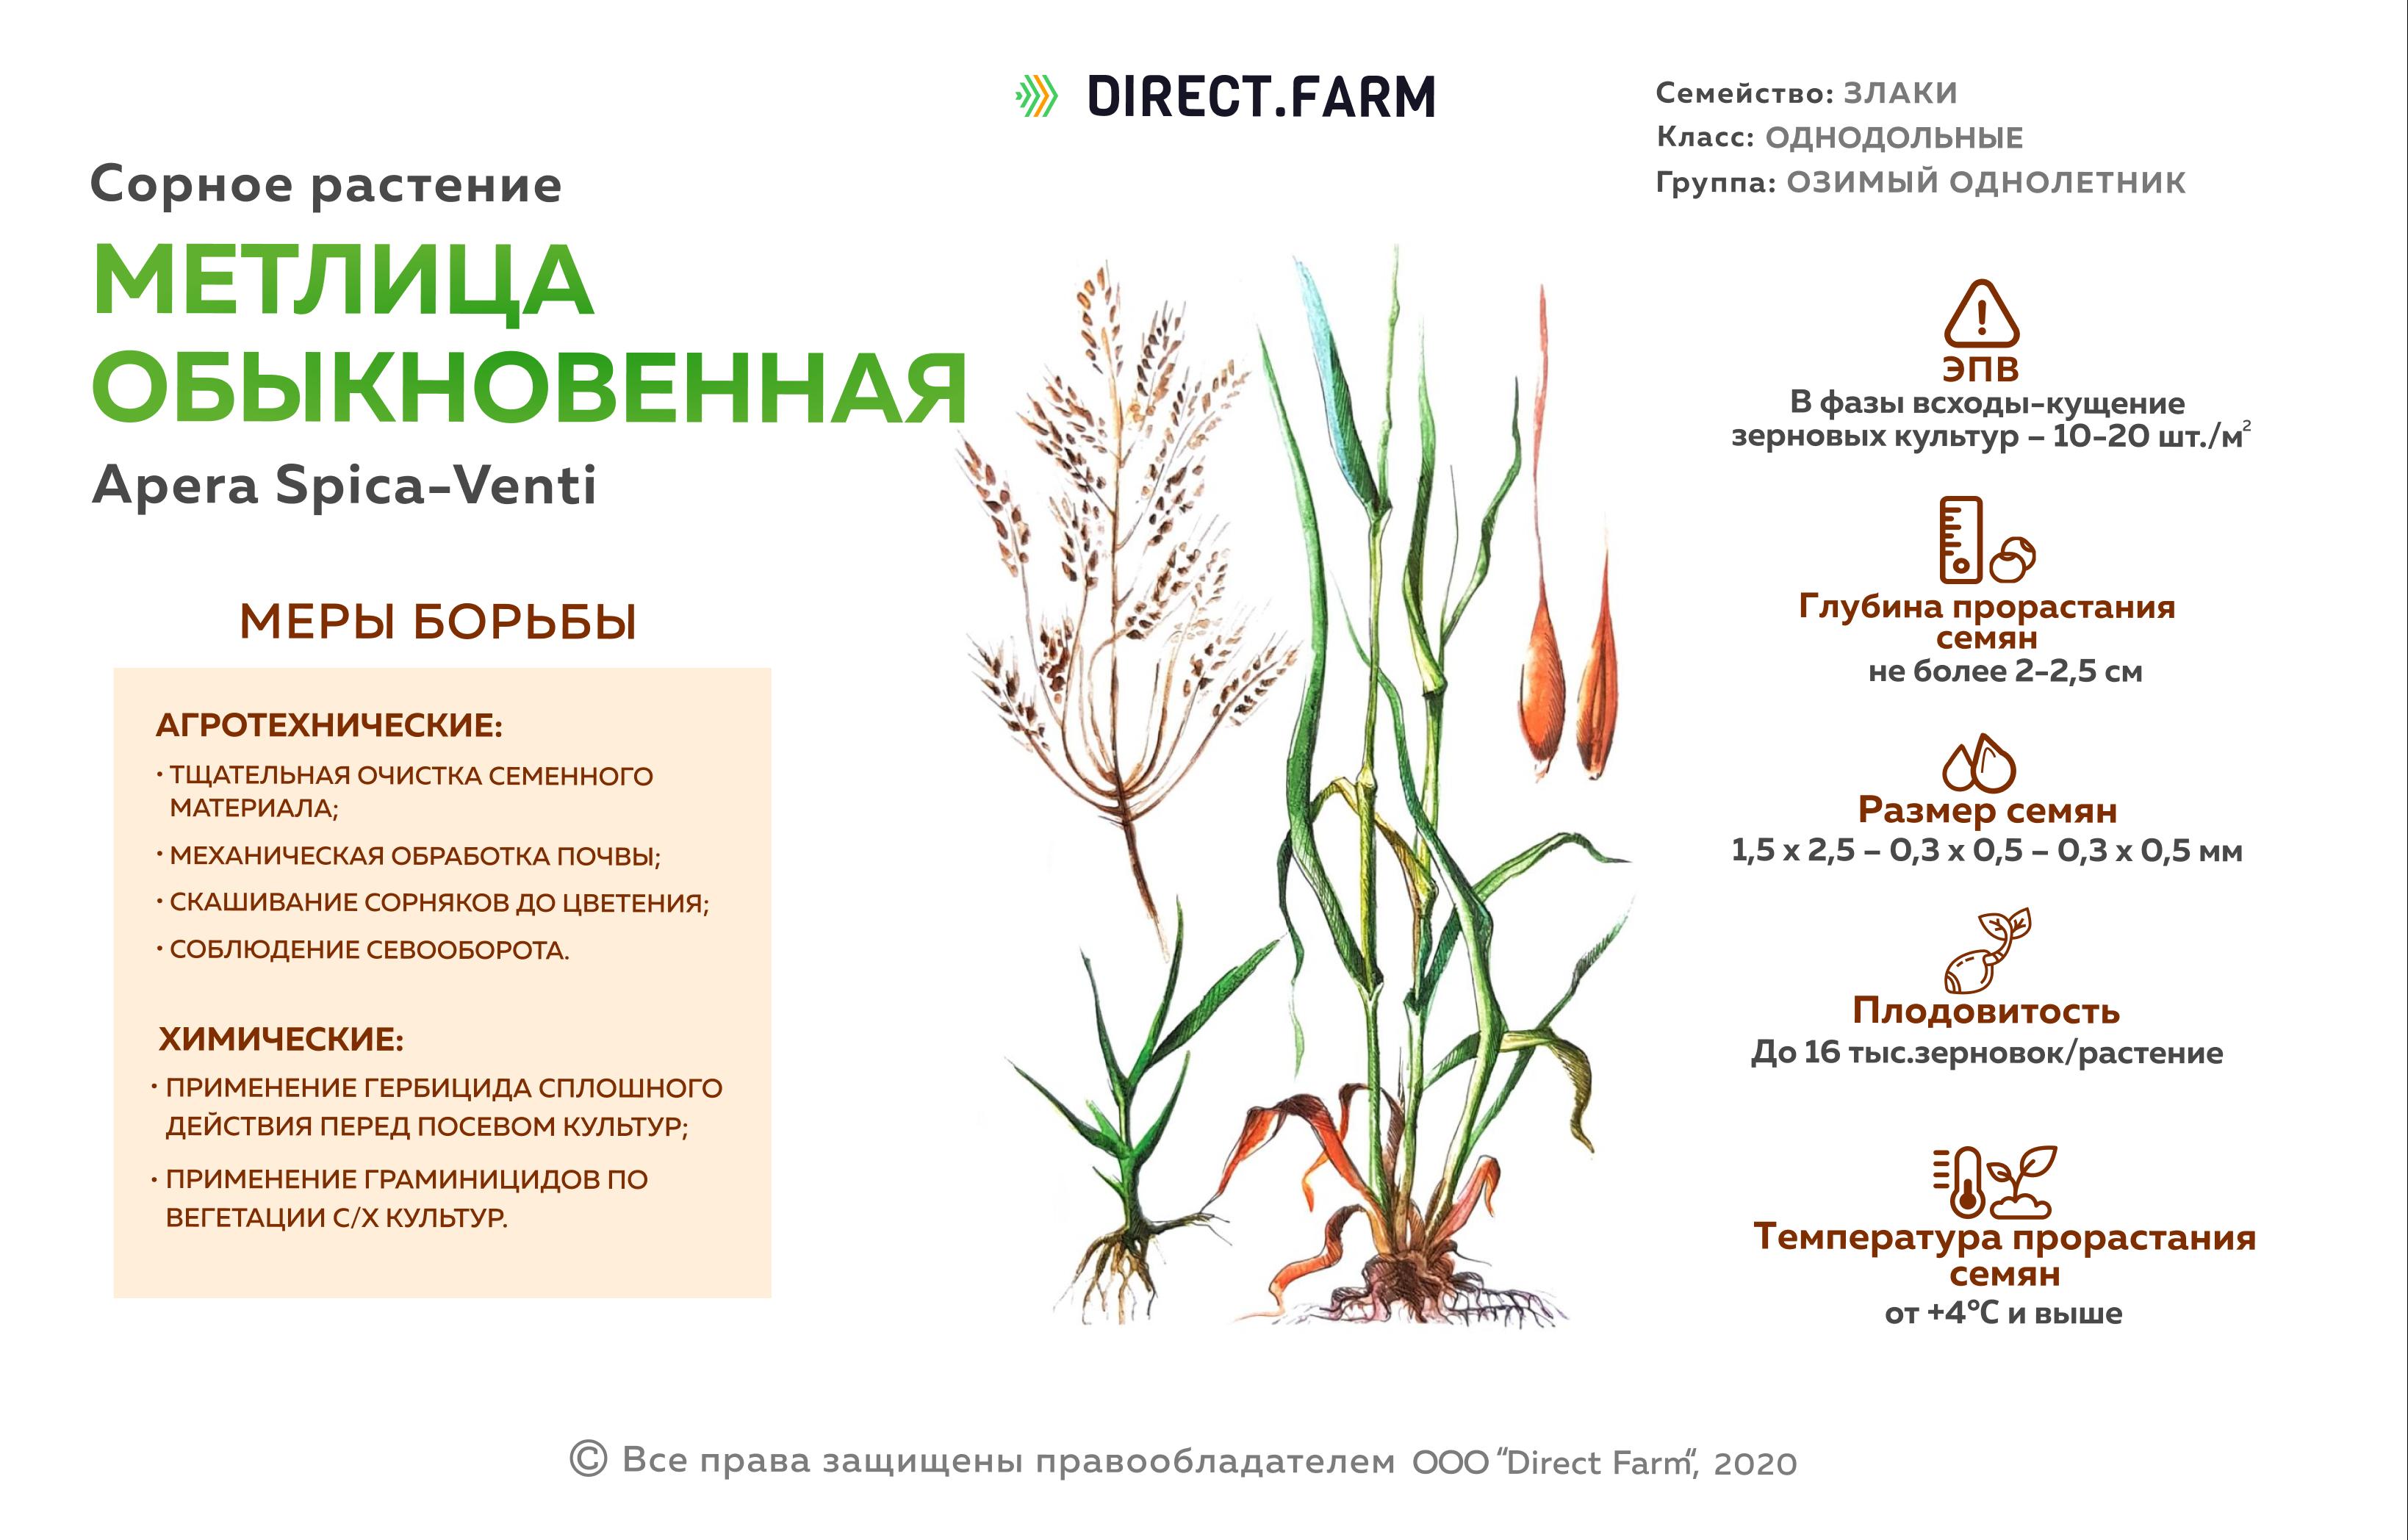 укажите минимальную температуру прорастания семян яровой пшеницы